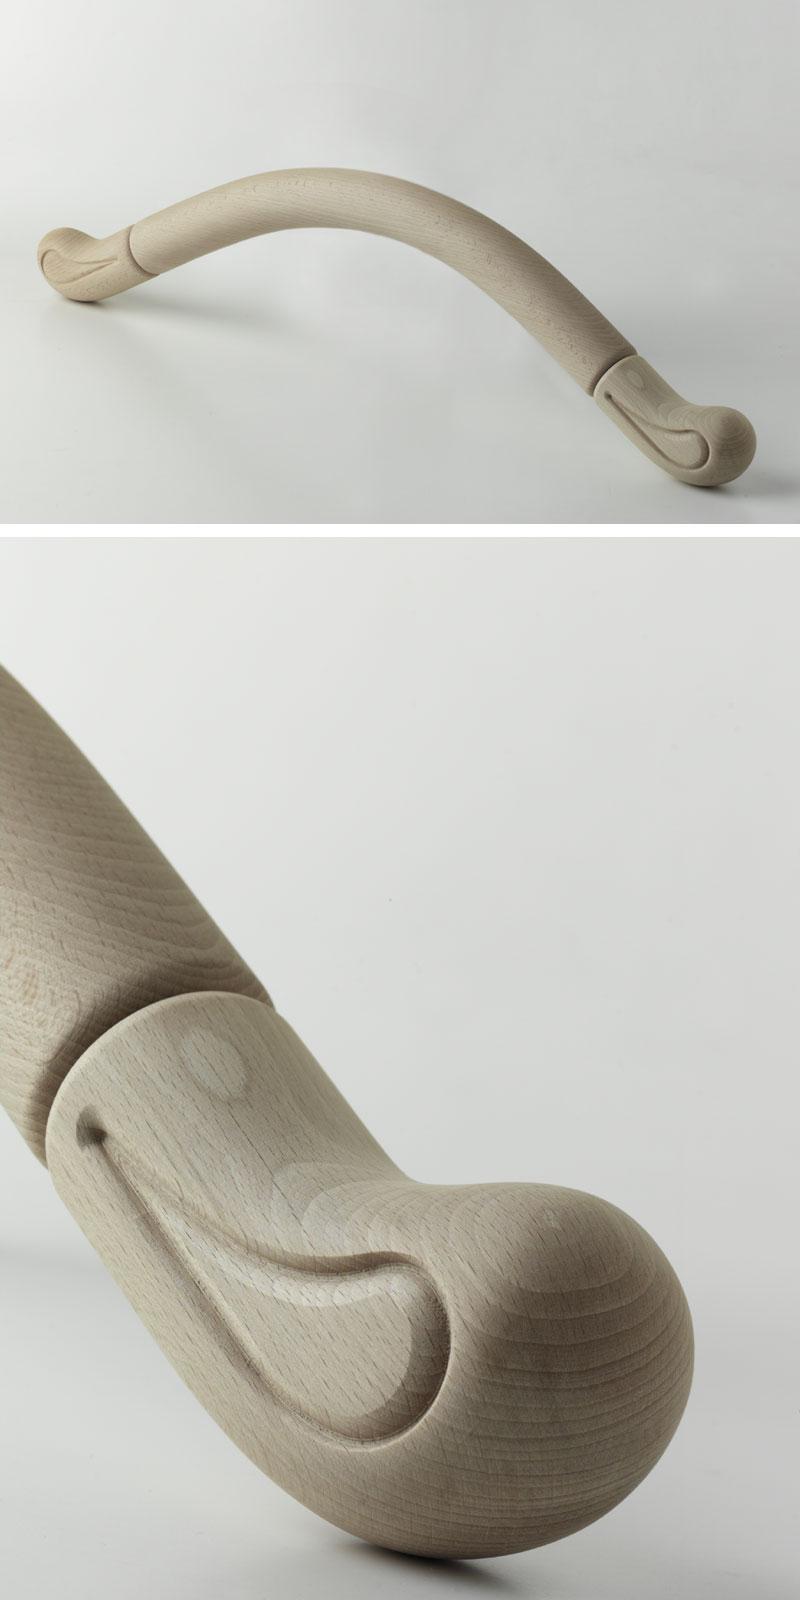 TESTIERA, Testiera per letto in legno